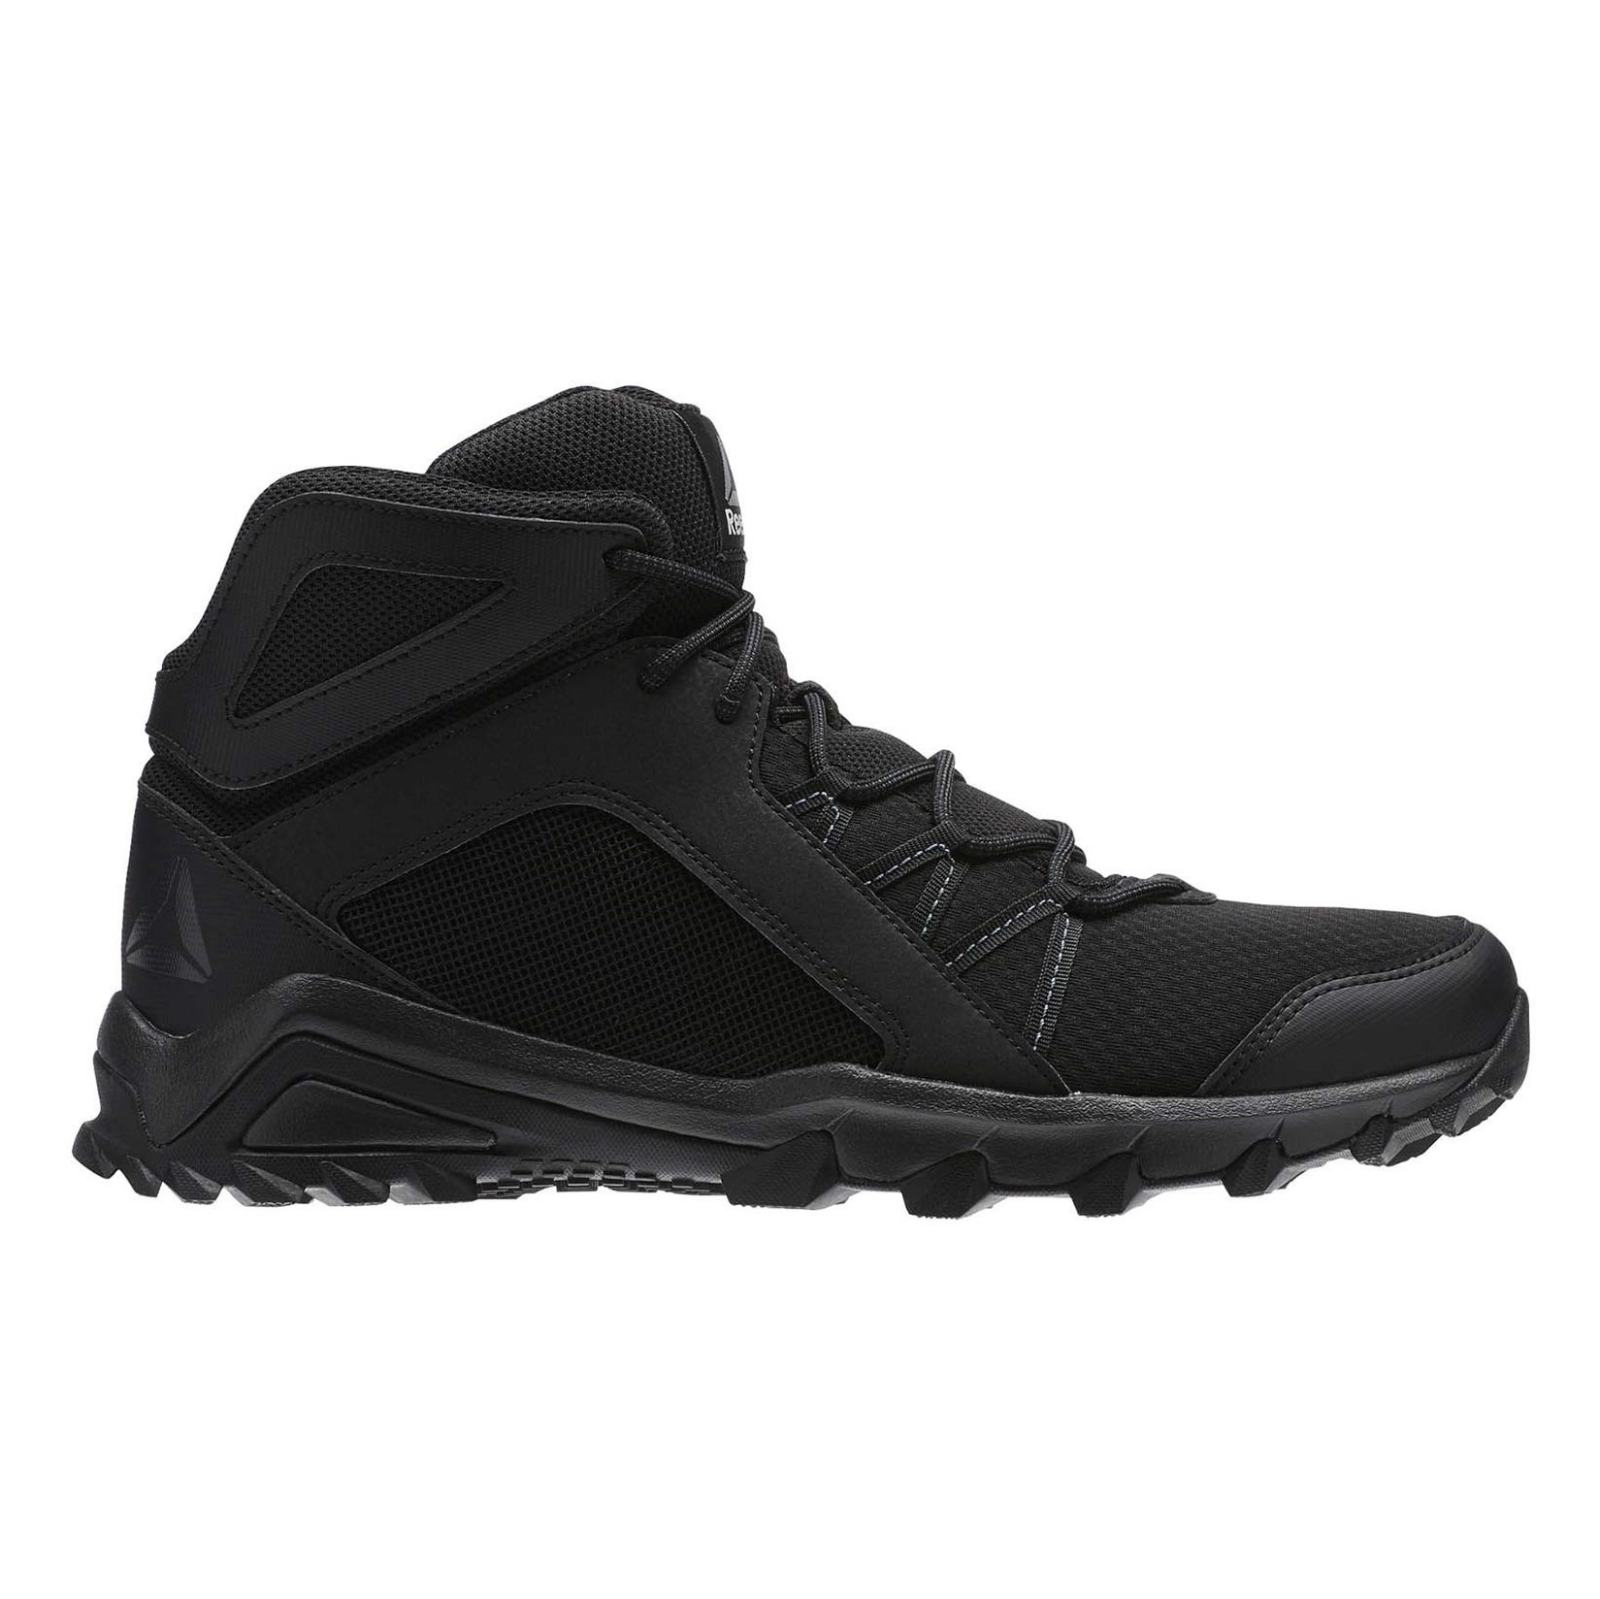 کفش طبیعت گردی بندی مردانه Trailgrip Mid 6-0 - ریباک - مشکي - 1